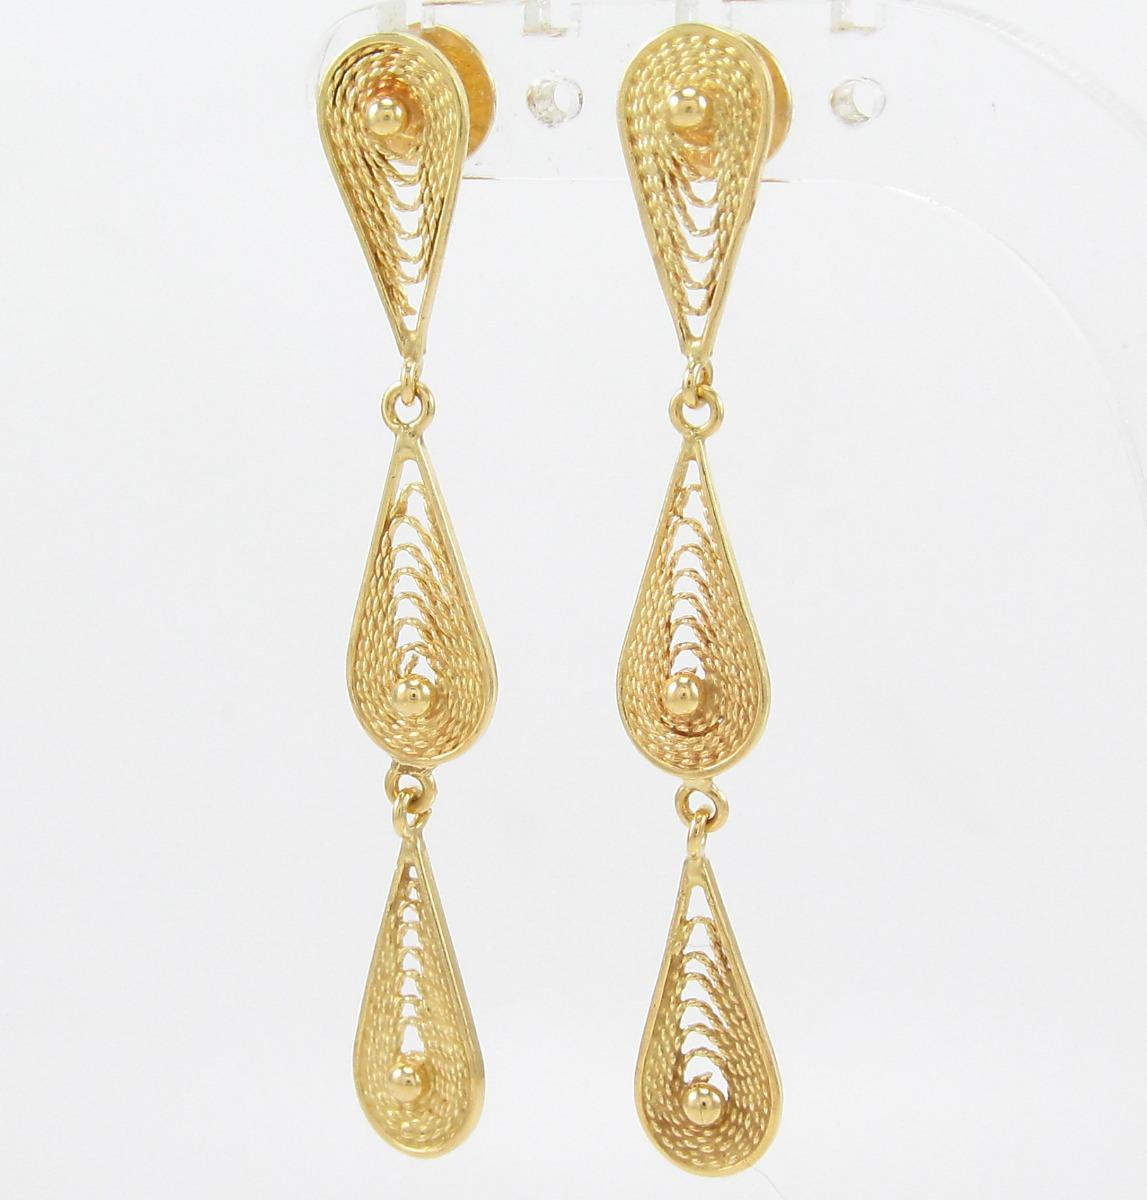 cea36ce0d7a esfinge jóias - brinco grife vivara pendente em ouro 18k 750. Carregando  zoom... jóias brinco ouro. Carregando zoom.